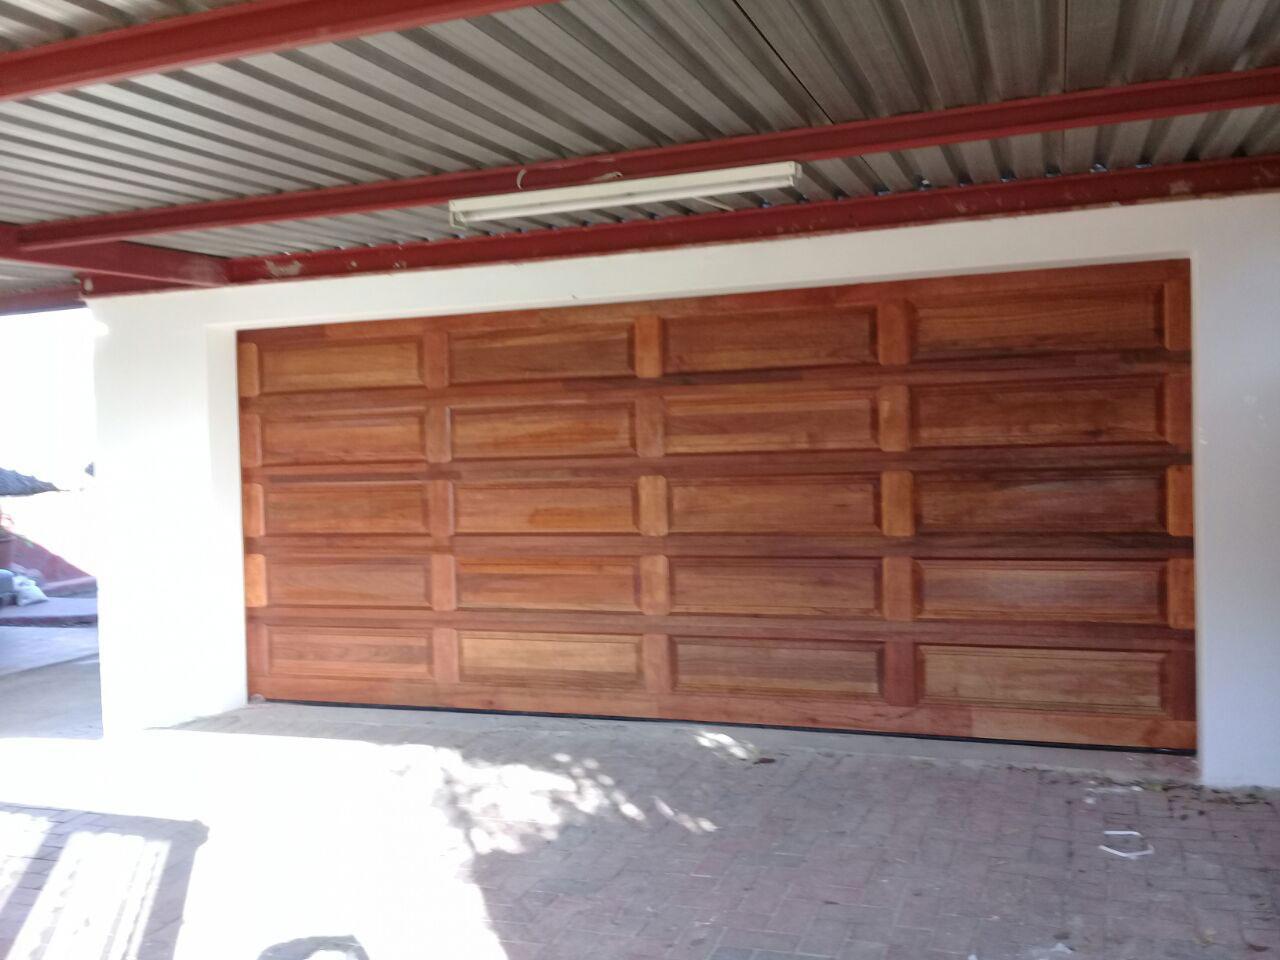 20 panel double meranti magnificent doors - Double wooden garage doors ...